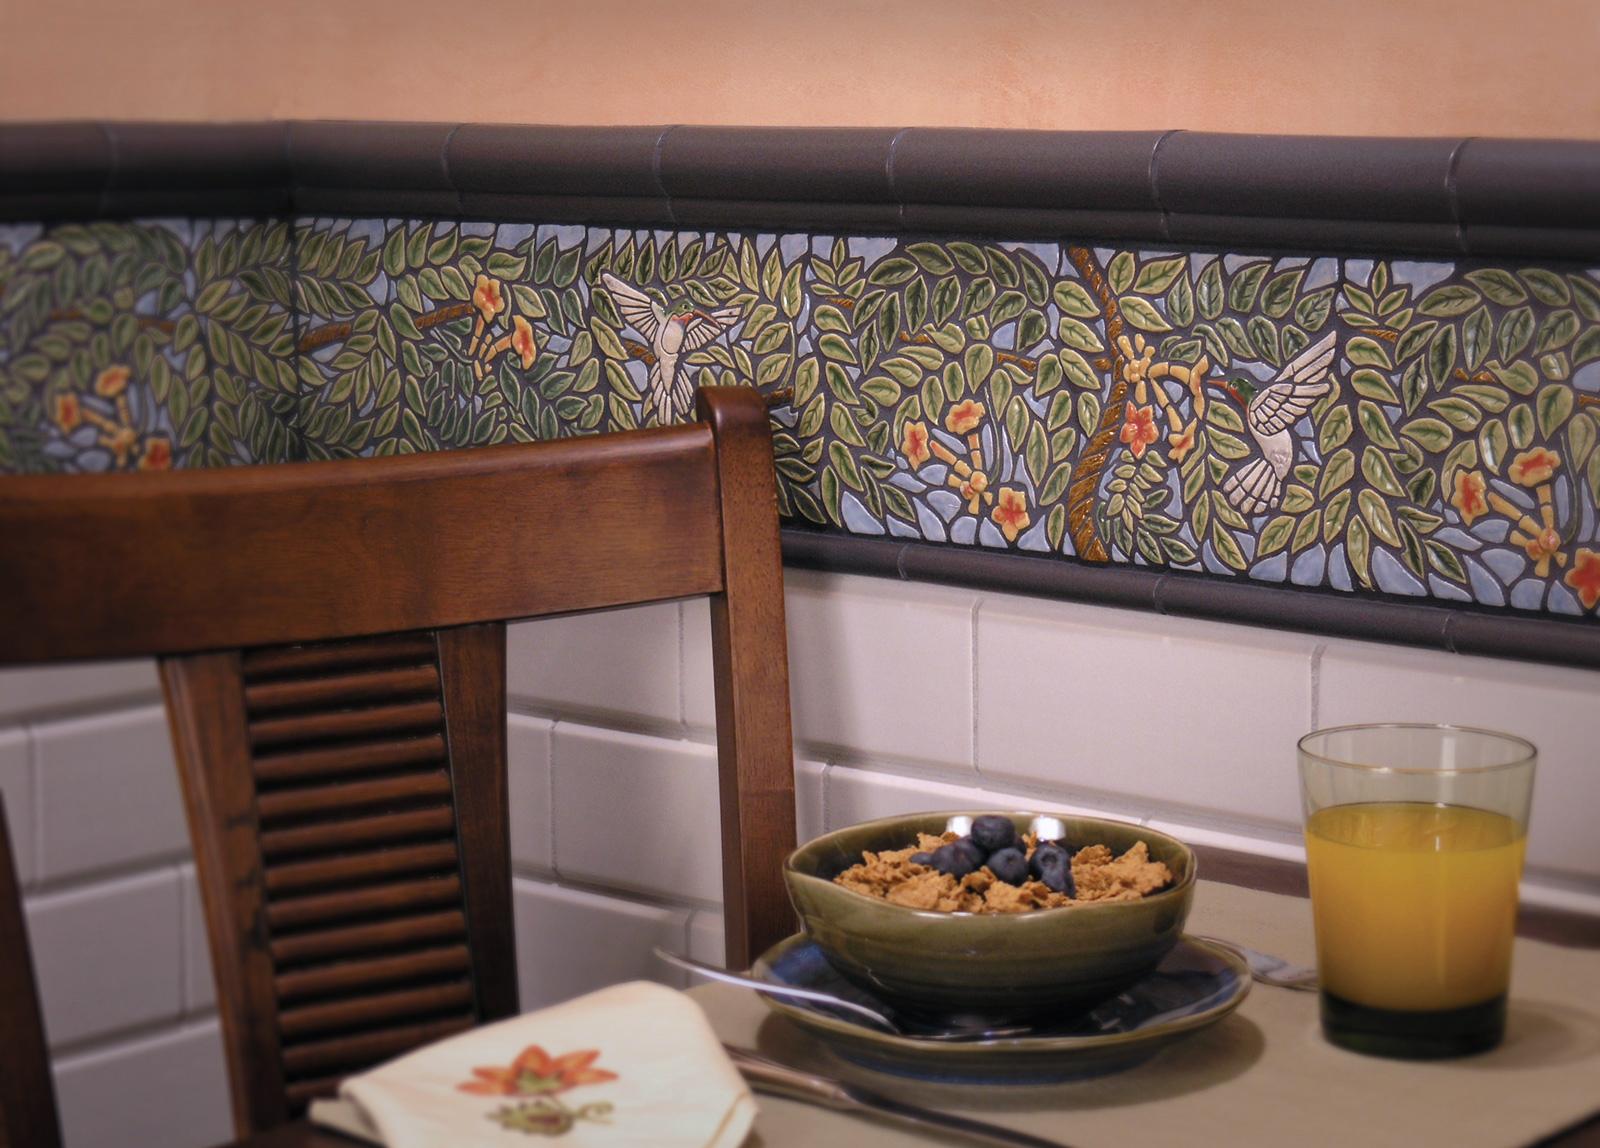 shearrow-tile-hummingbird-kitchen.jpg